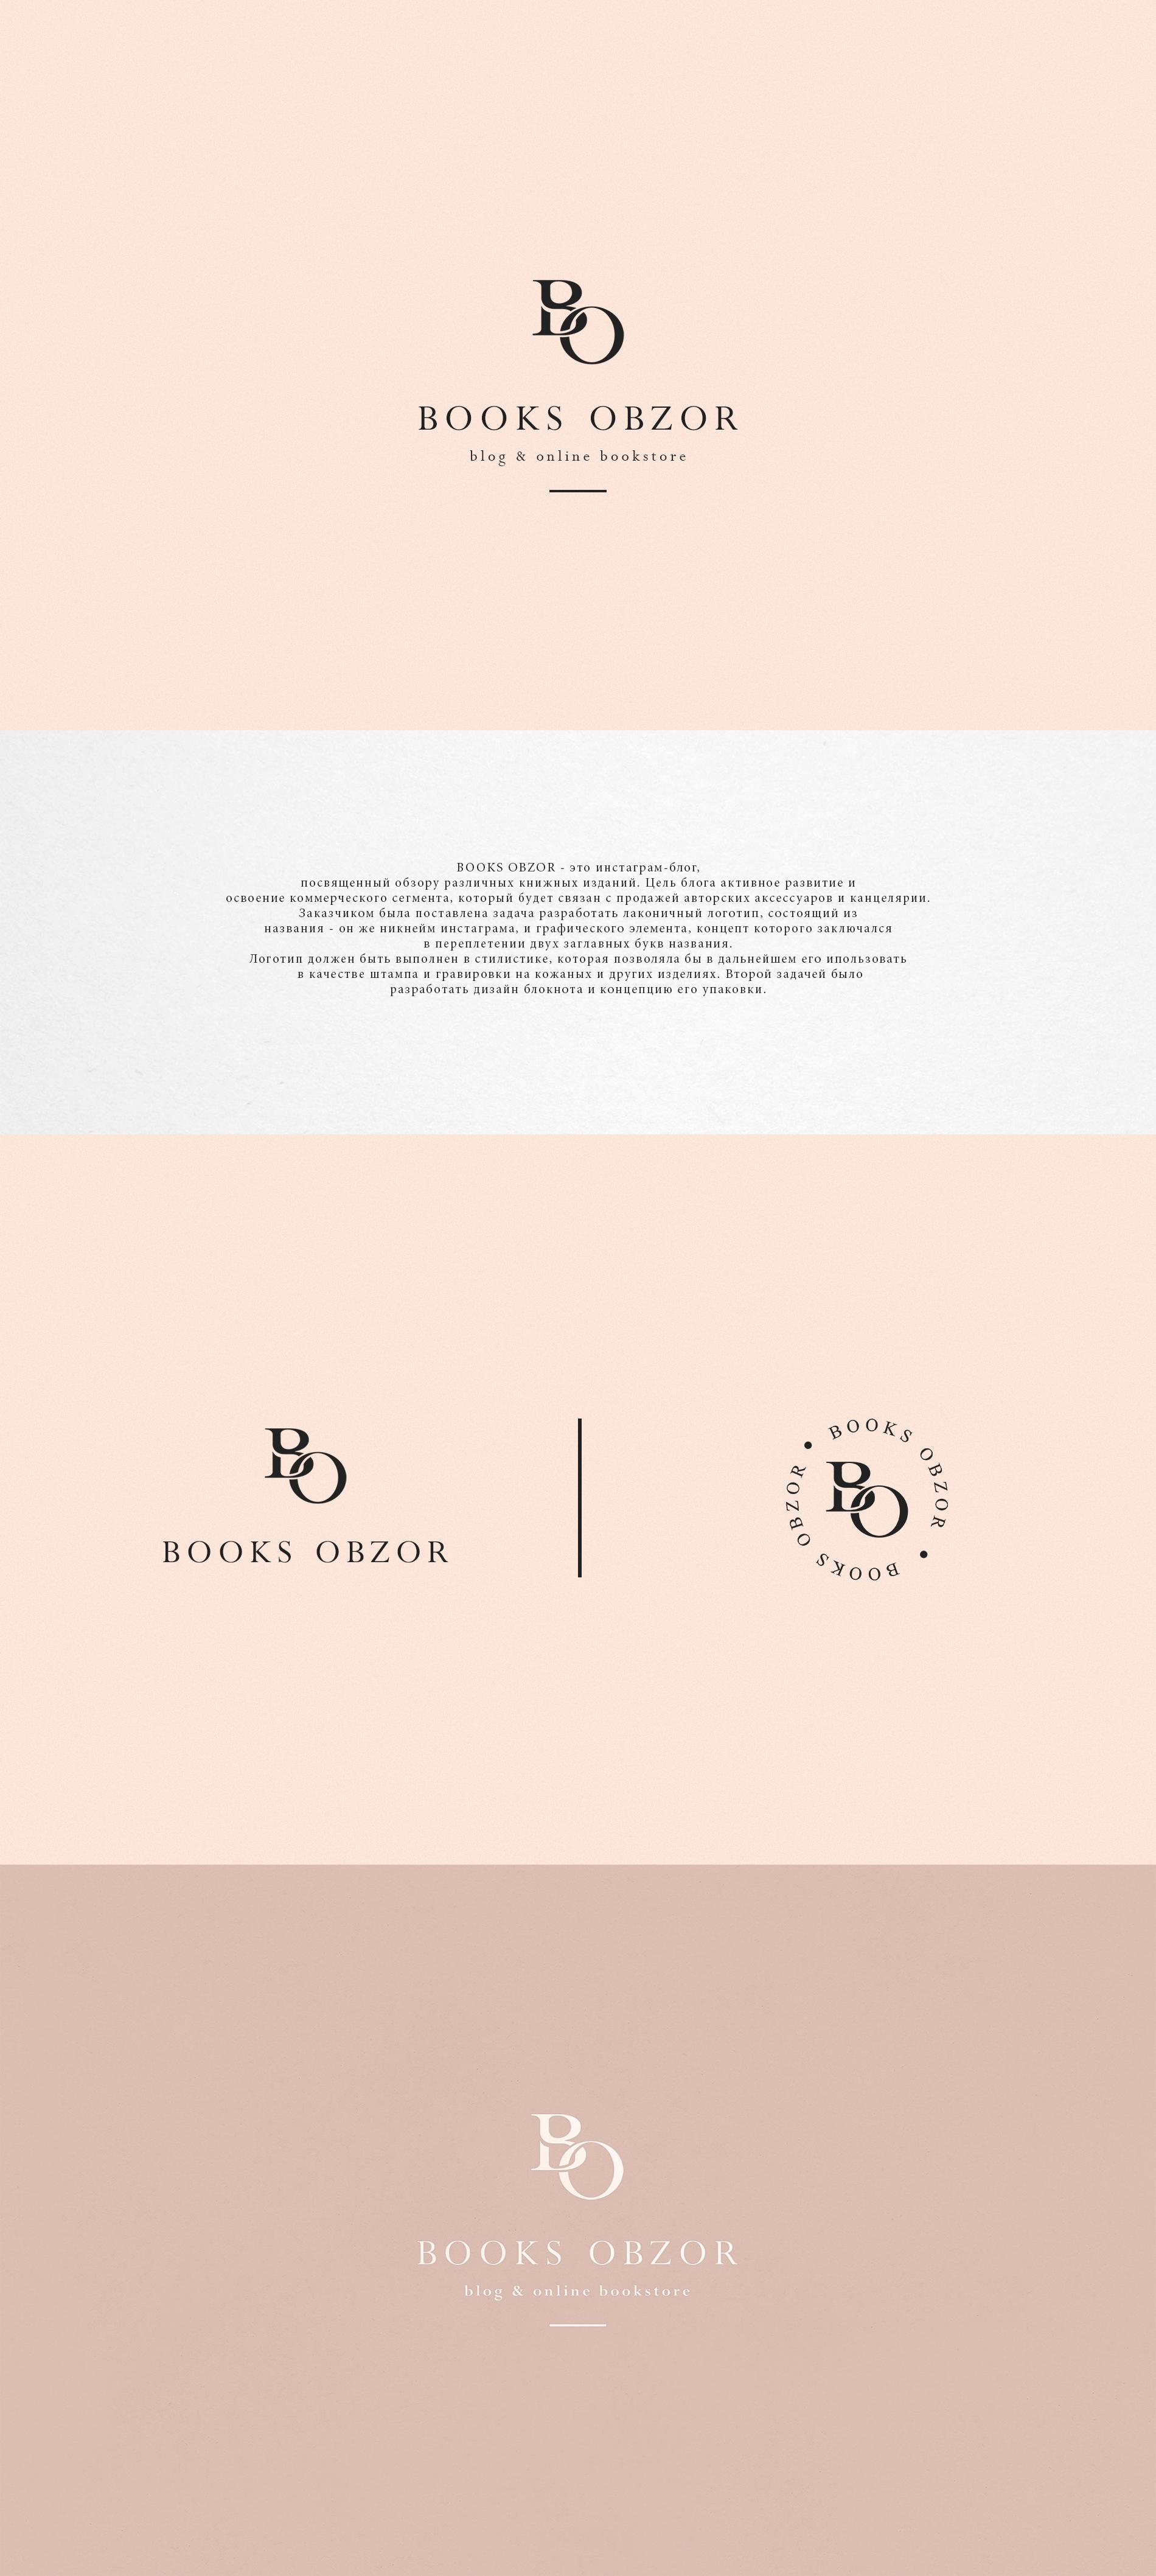 Логотип для инстаграм-блога Books_obzor (заказ)